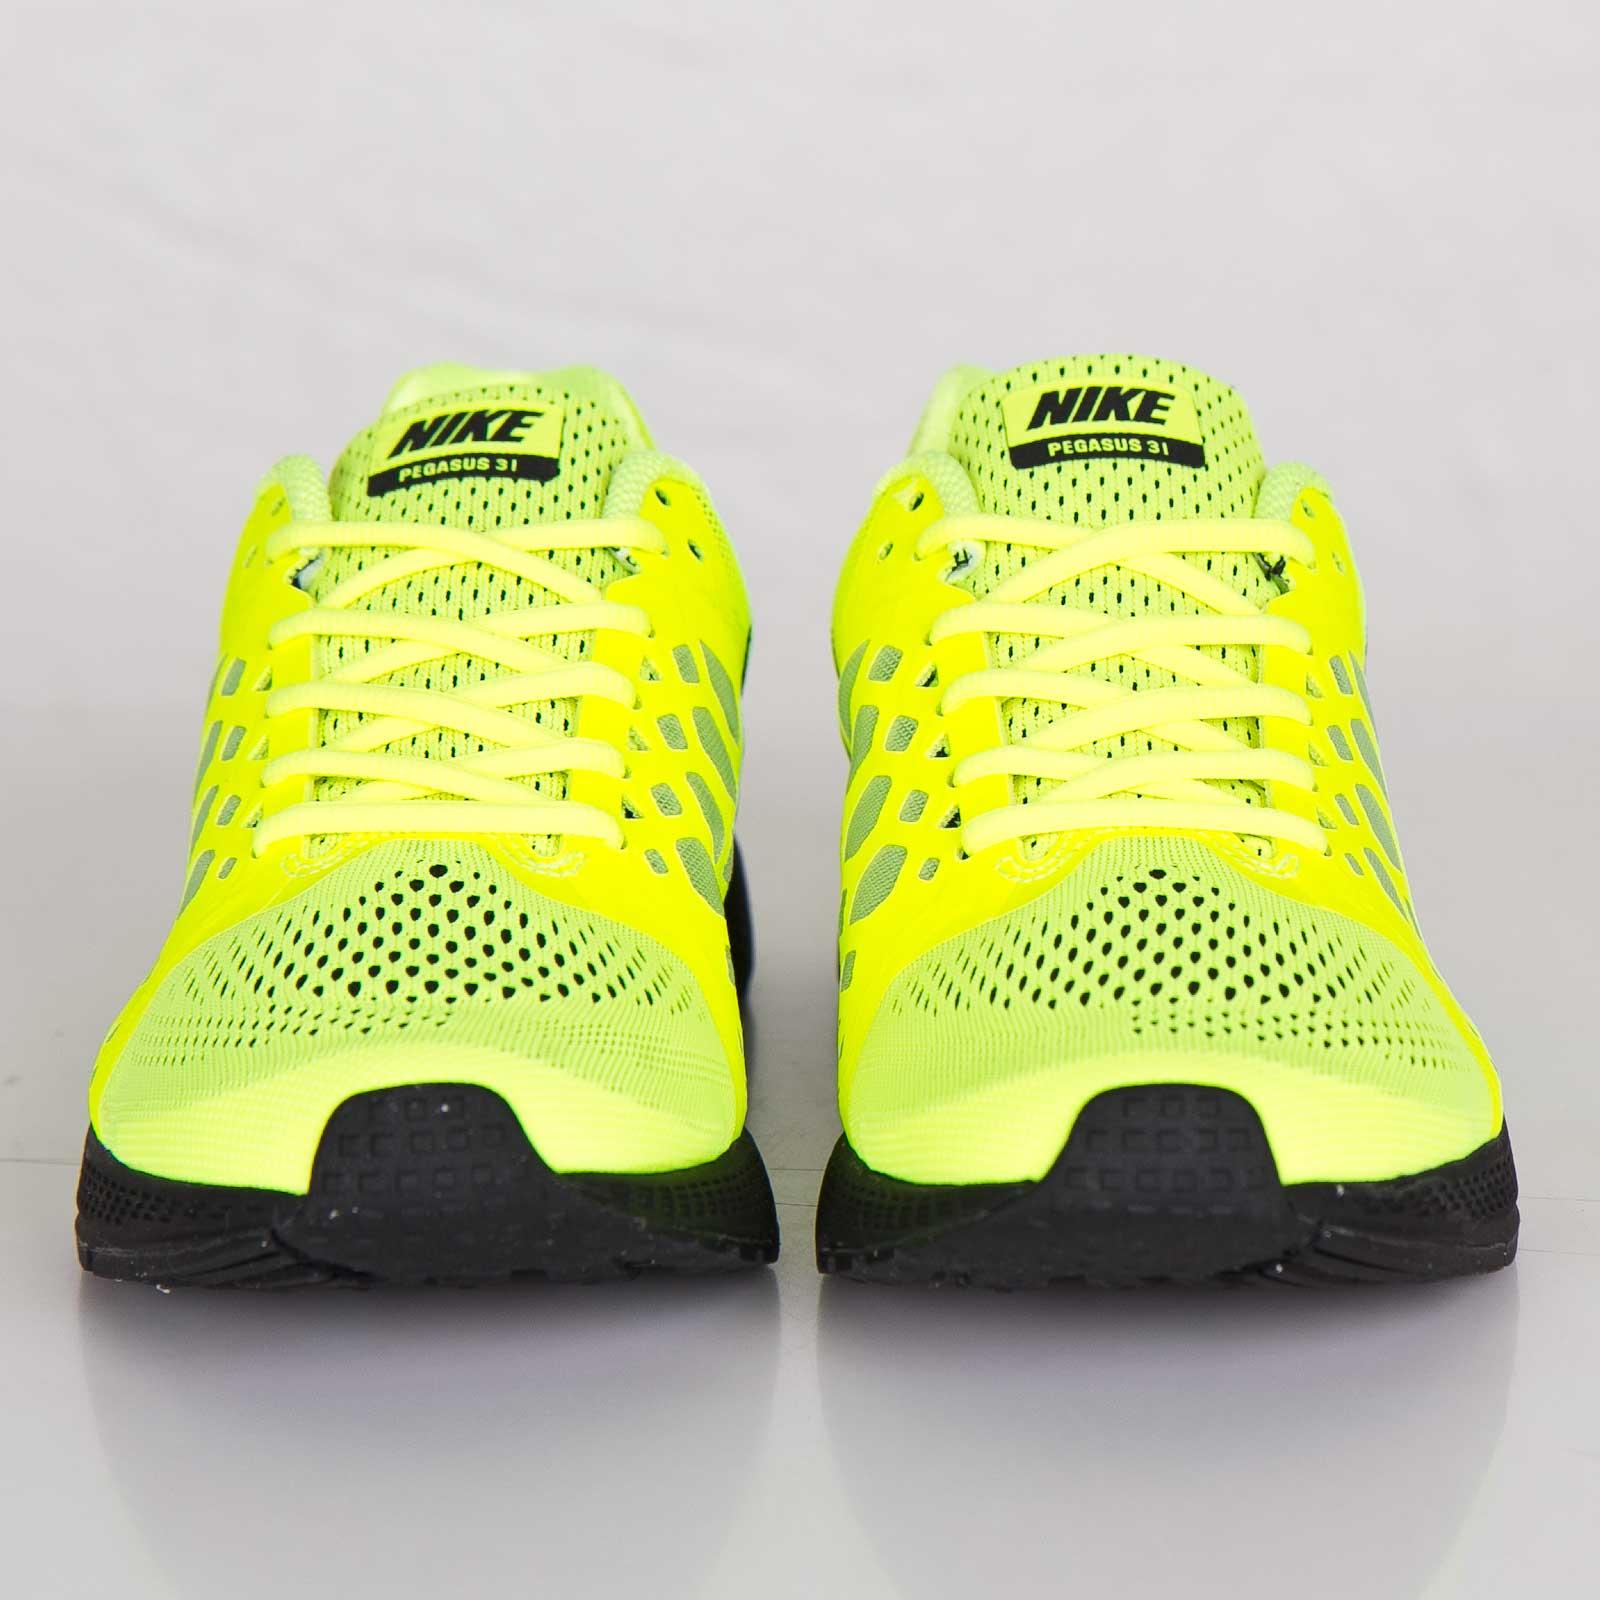 first rate f4ad0 56c43 Nike Zoom Pegasus 31 - 652925-700 - Sneakersnstuff   sneakers   streetwear  online since 1999